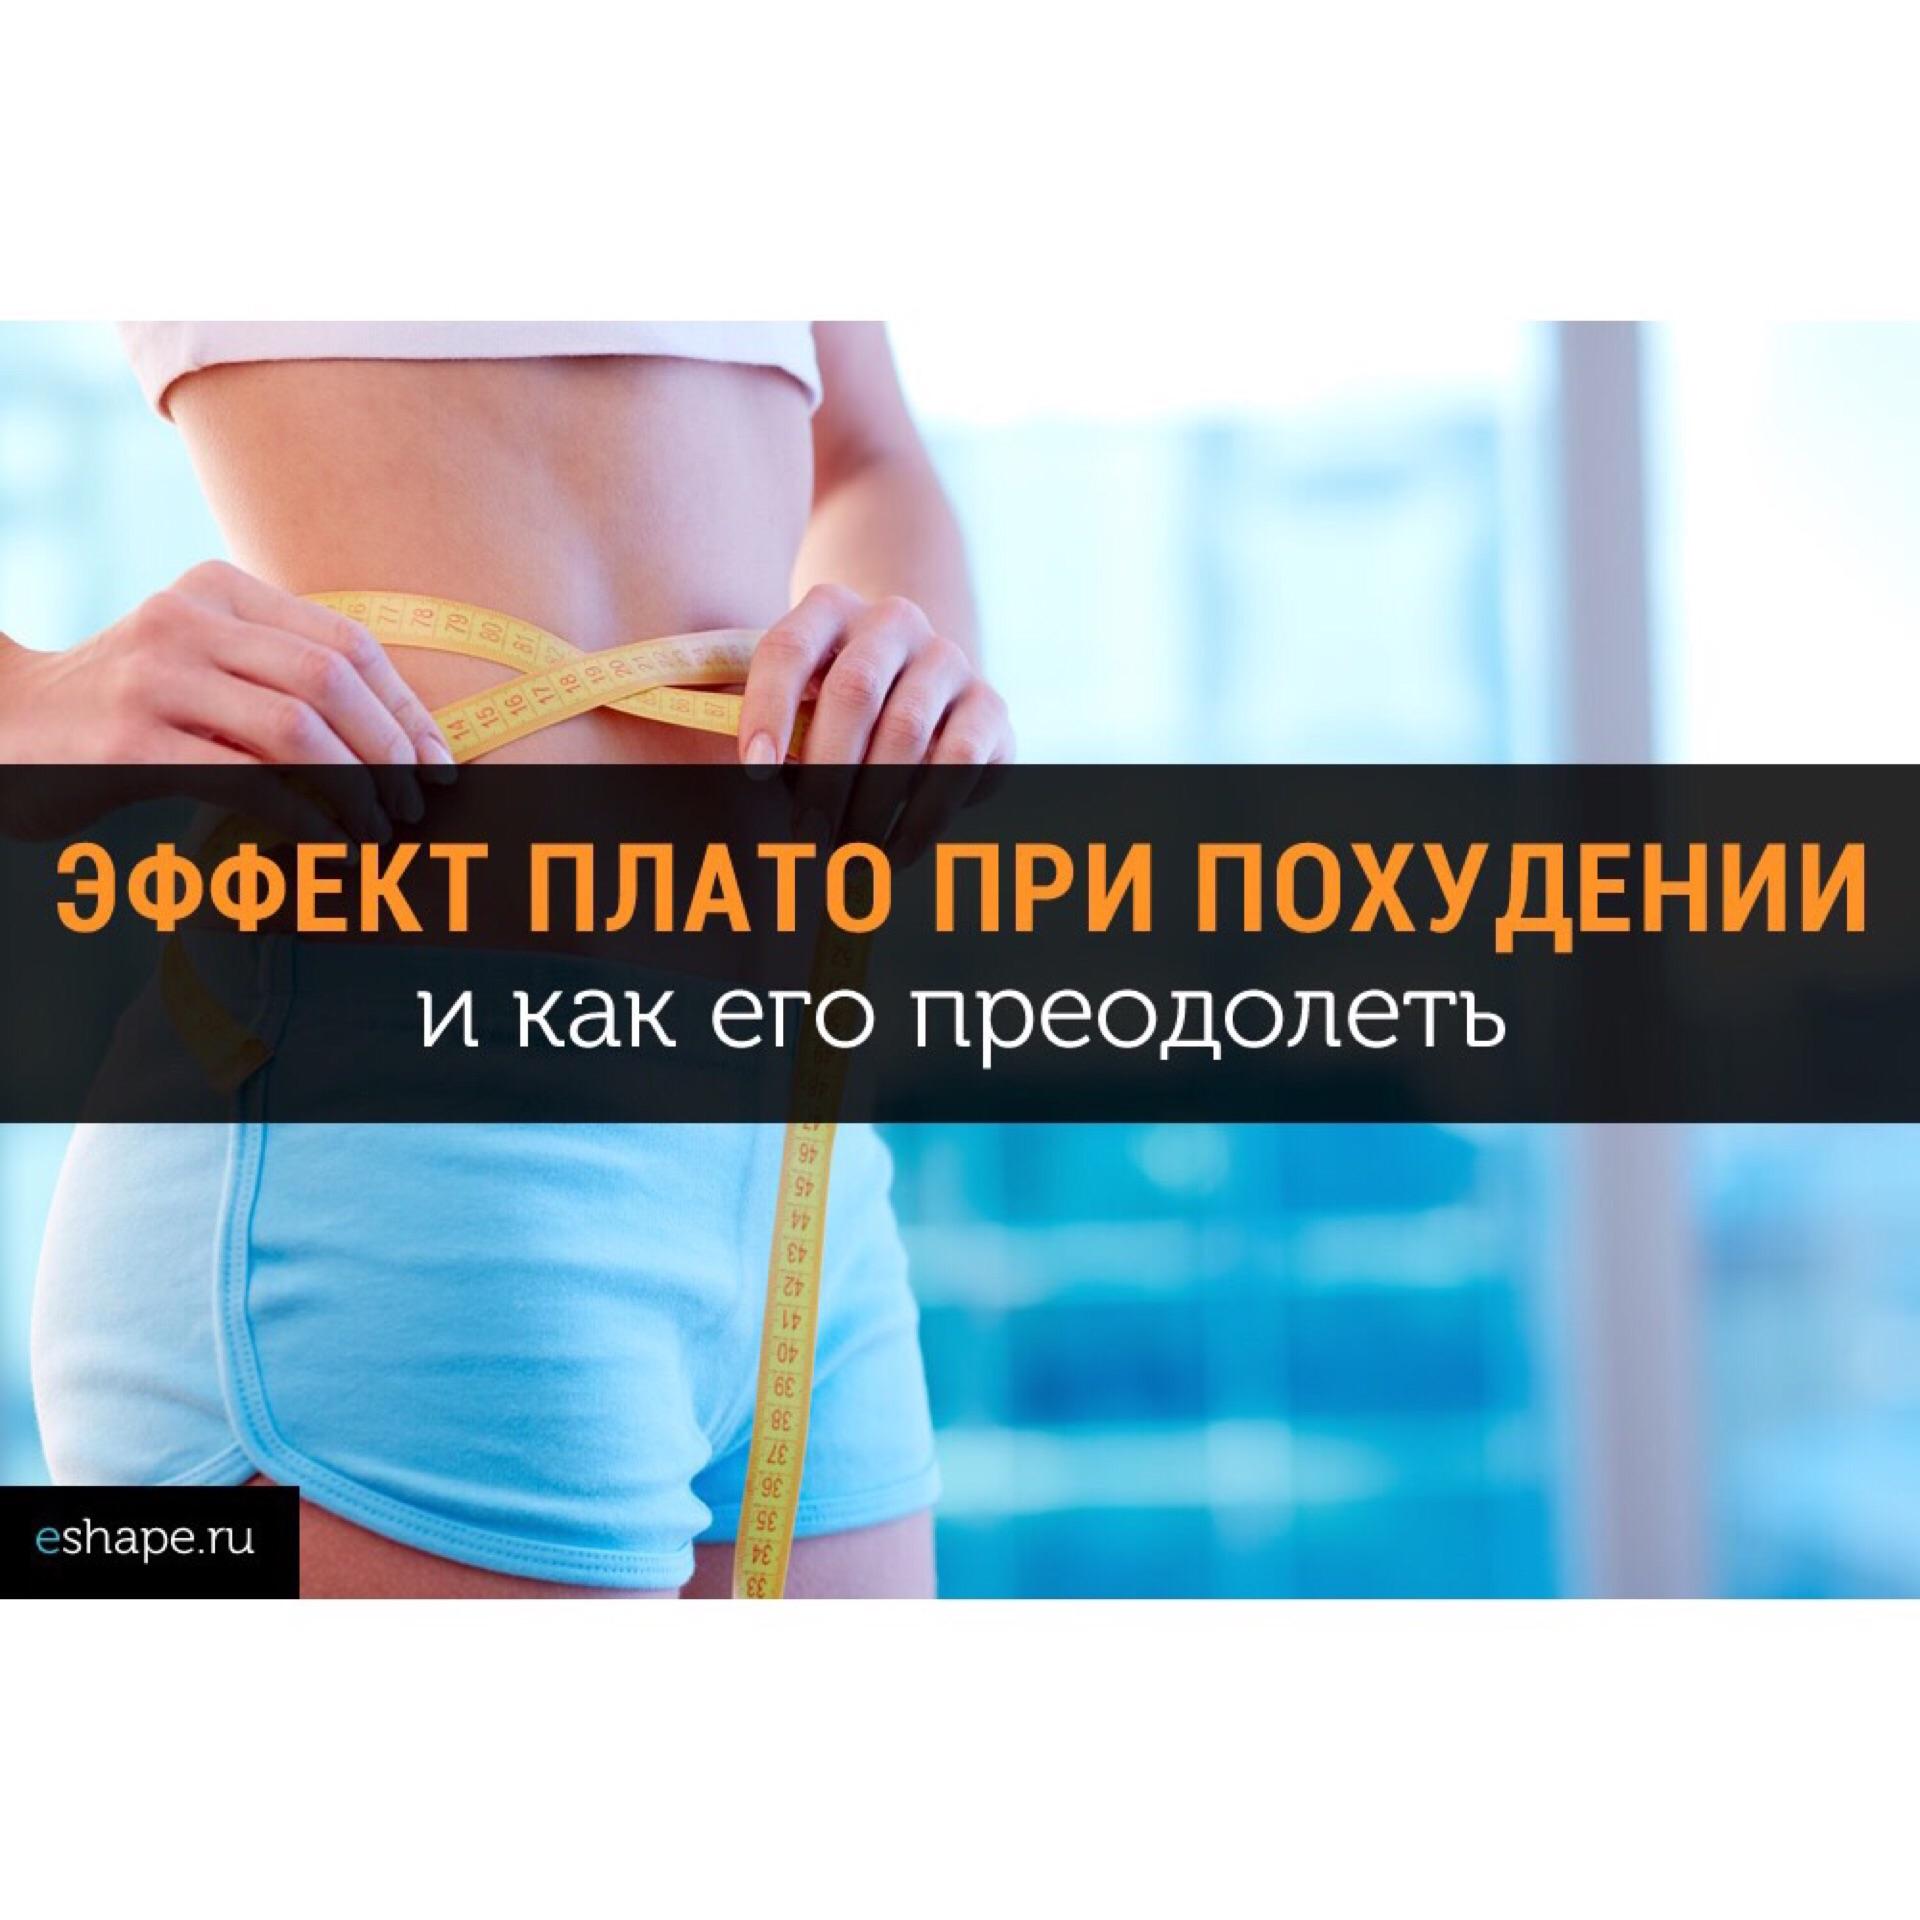 Положительные Эффекты Похудения.